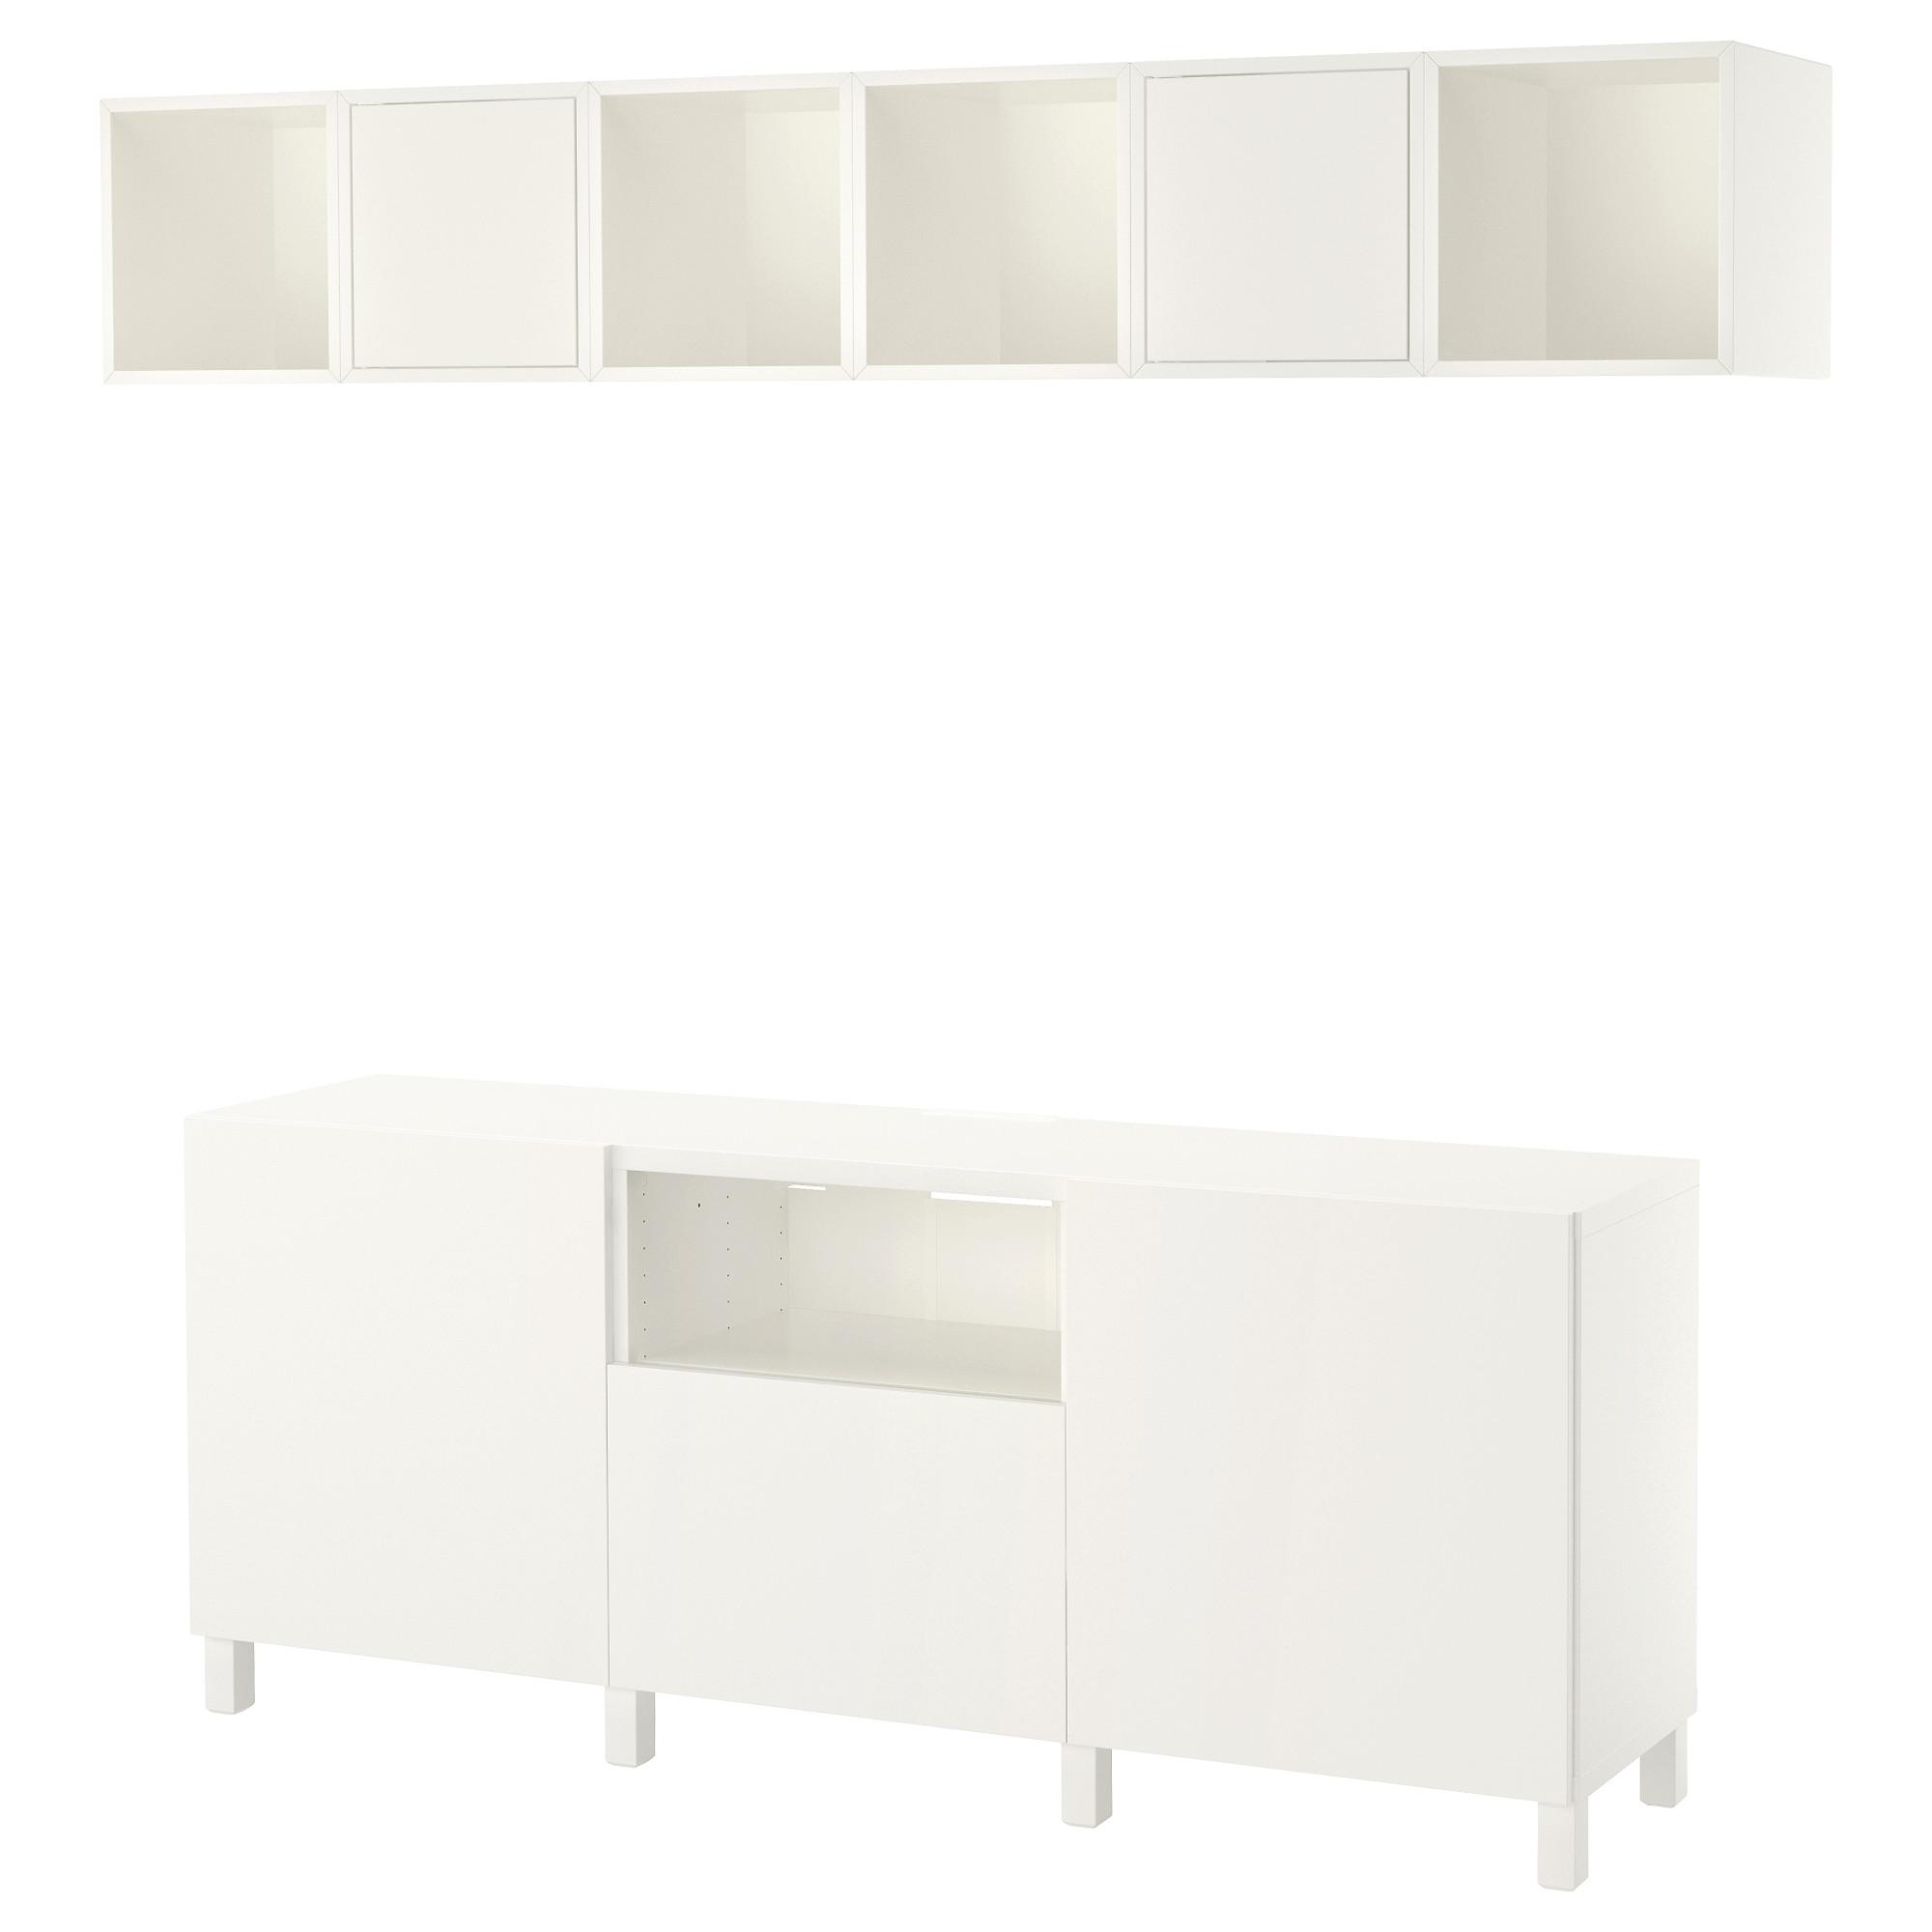 Комбинация для ТВ БЕСТО / ЭКЕТ белый артикуль № 892.756.18 в наличии. Онлайн сайт IKEA Минск. Недорогая доставка и соборка.